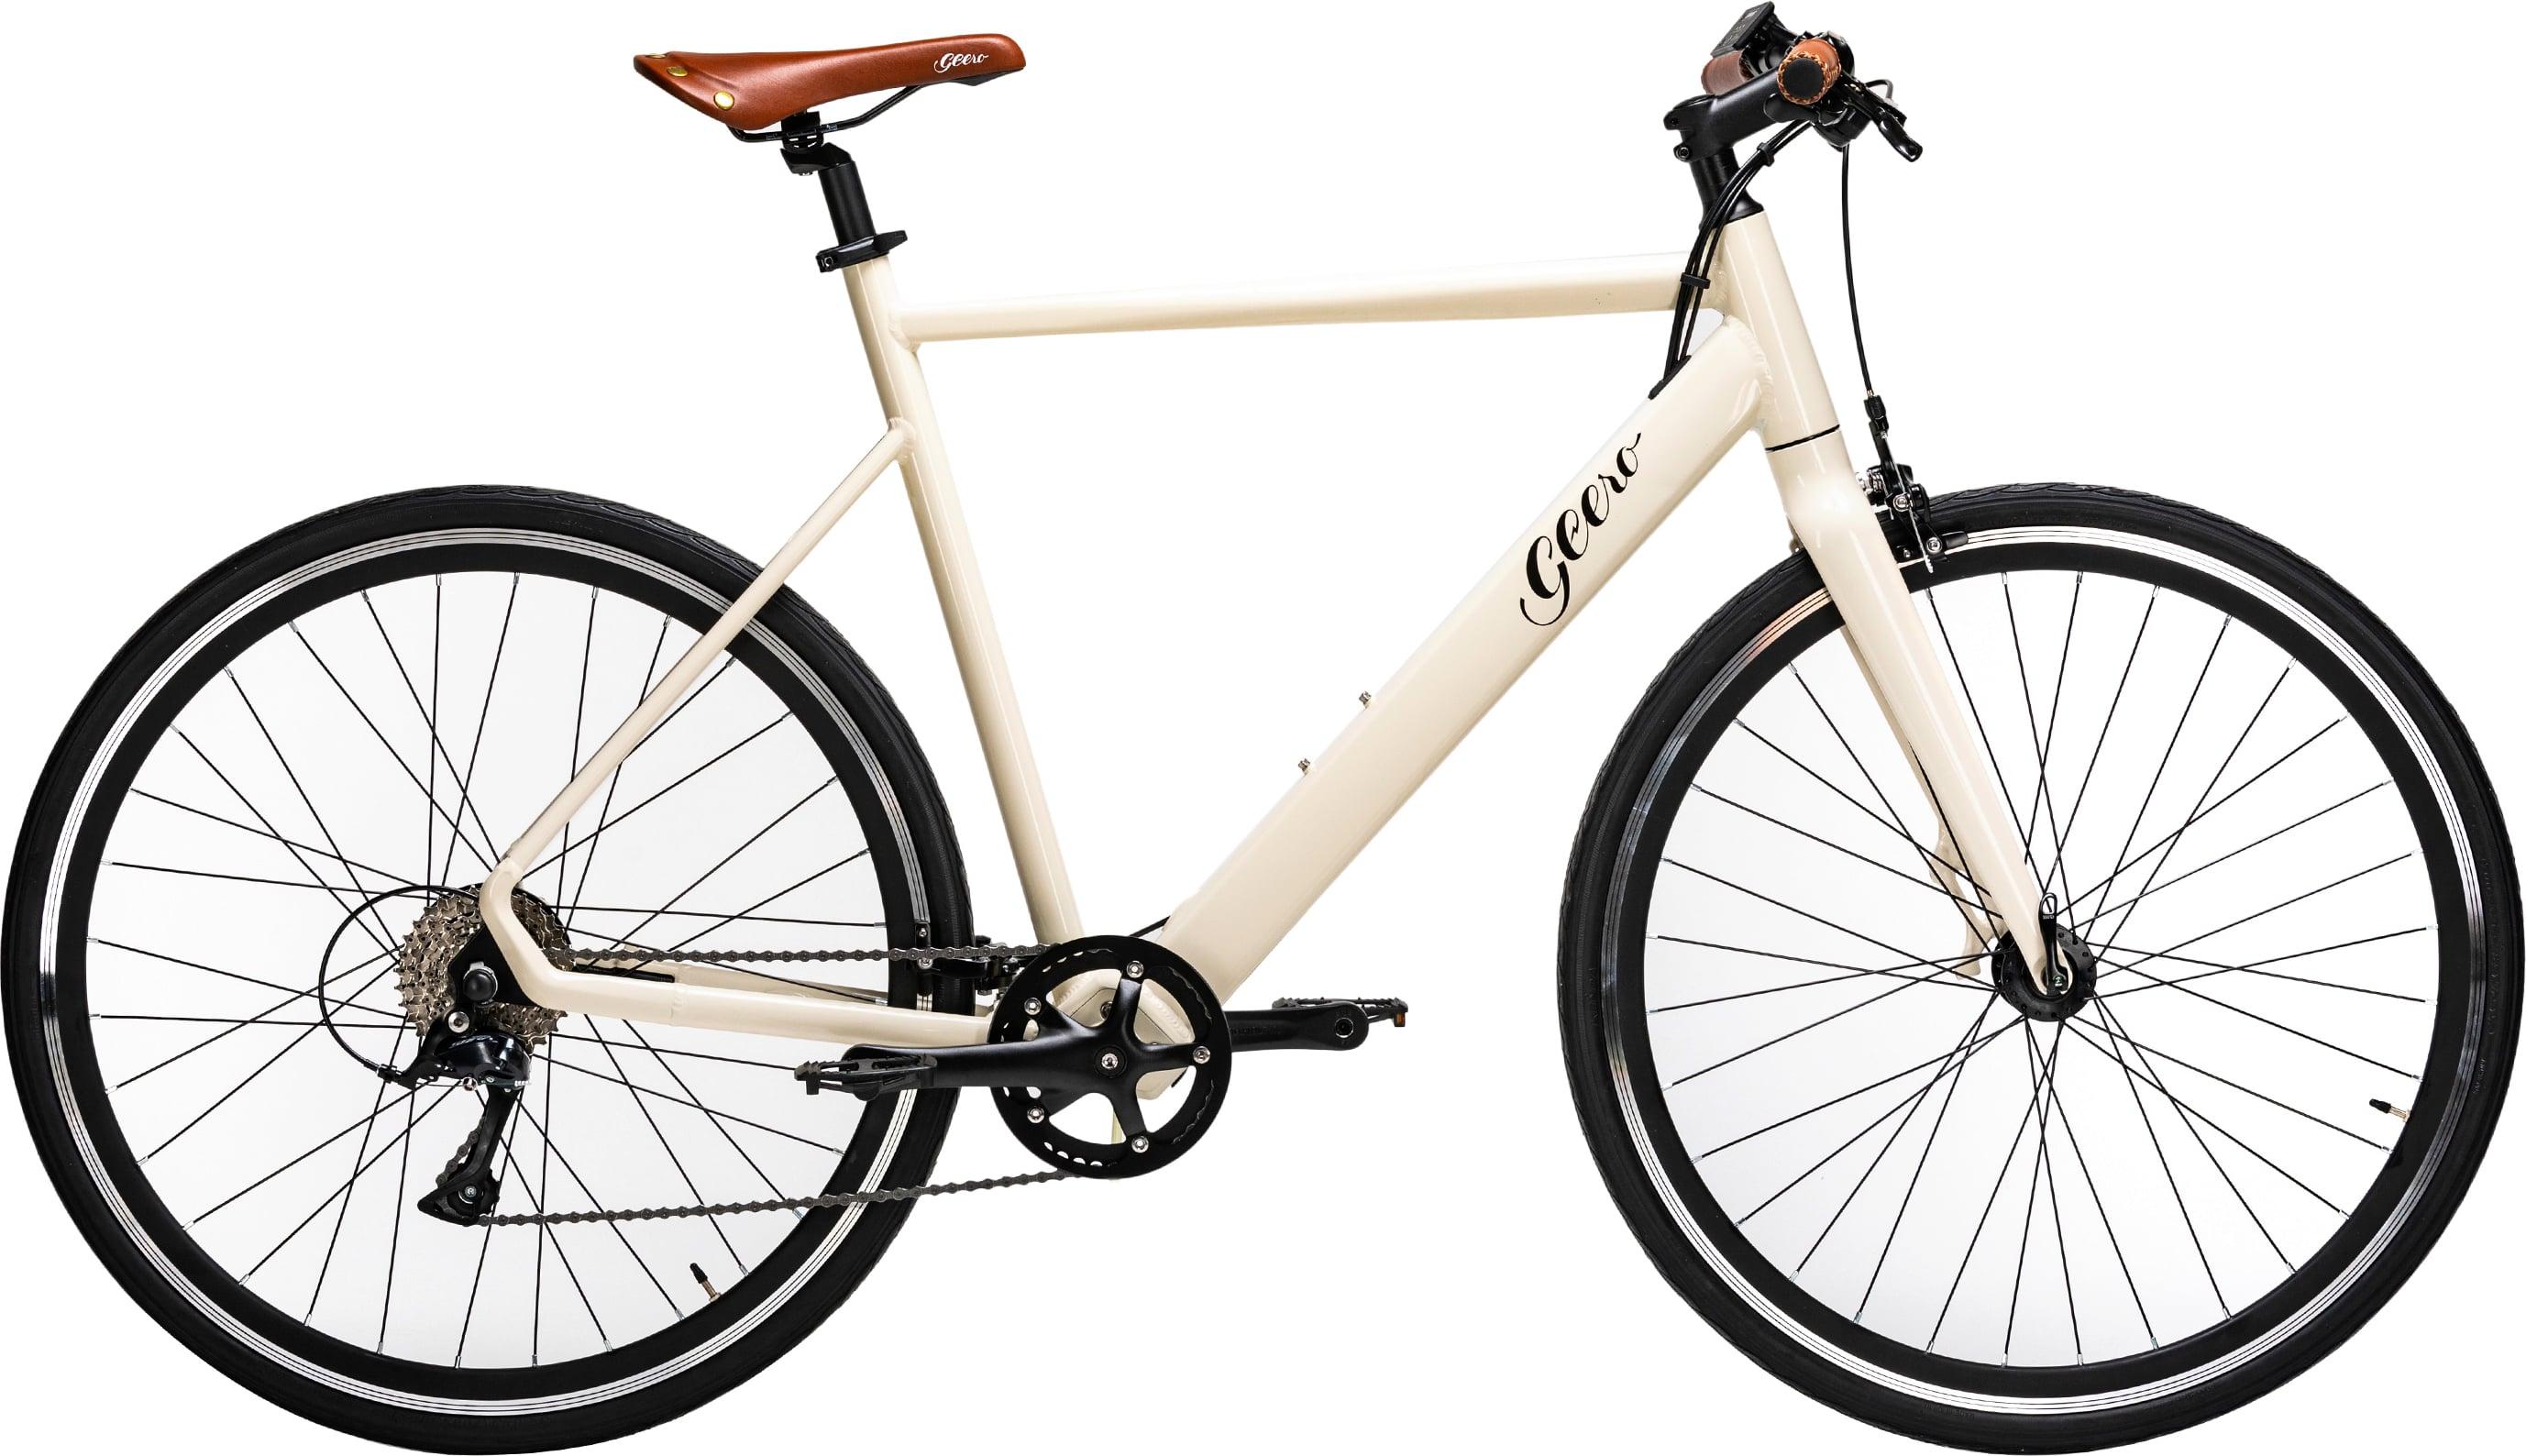 Geero 1 E-Bike Original-Classic in Cream - 54cm / 60cm RH, 15,75kg, 85-125km Reichweite, 420Wh Akku, ca. 3-4h Schnelladetechnik, BOS